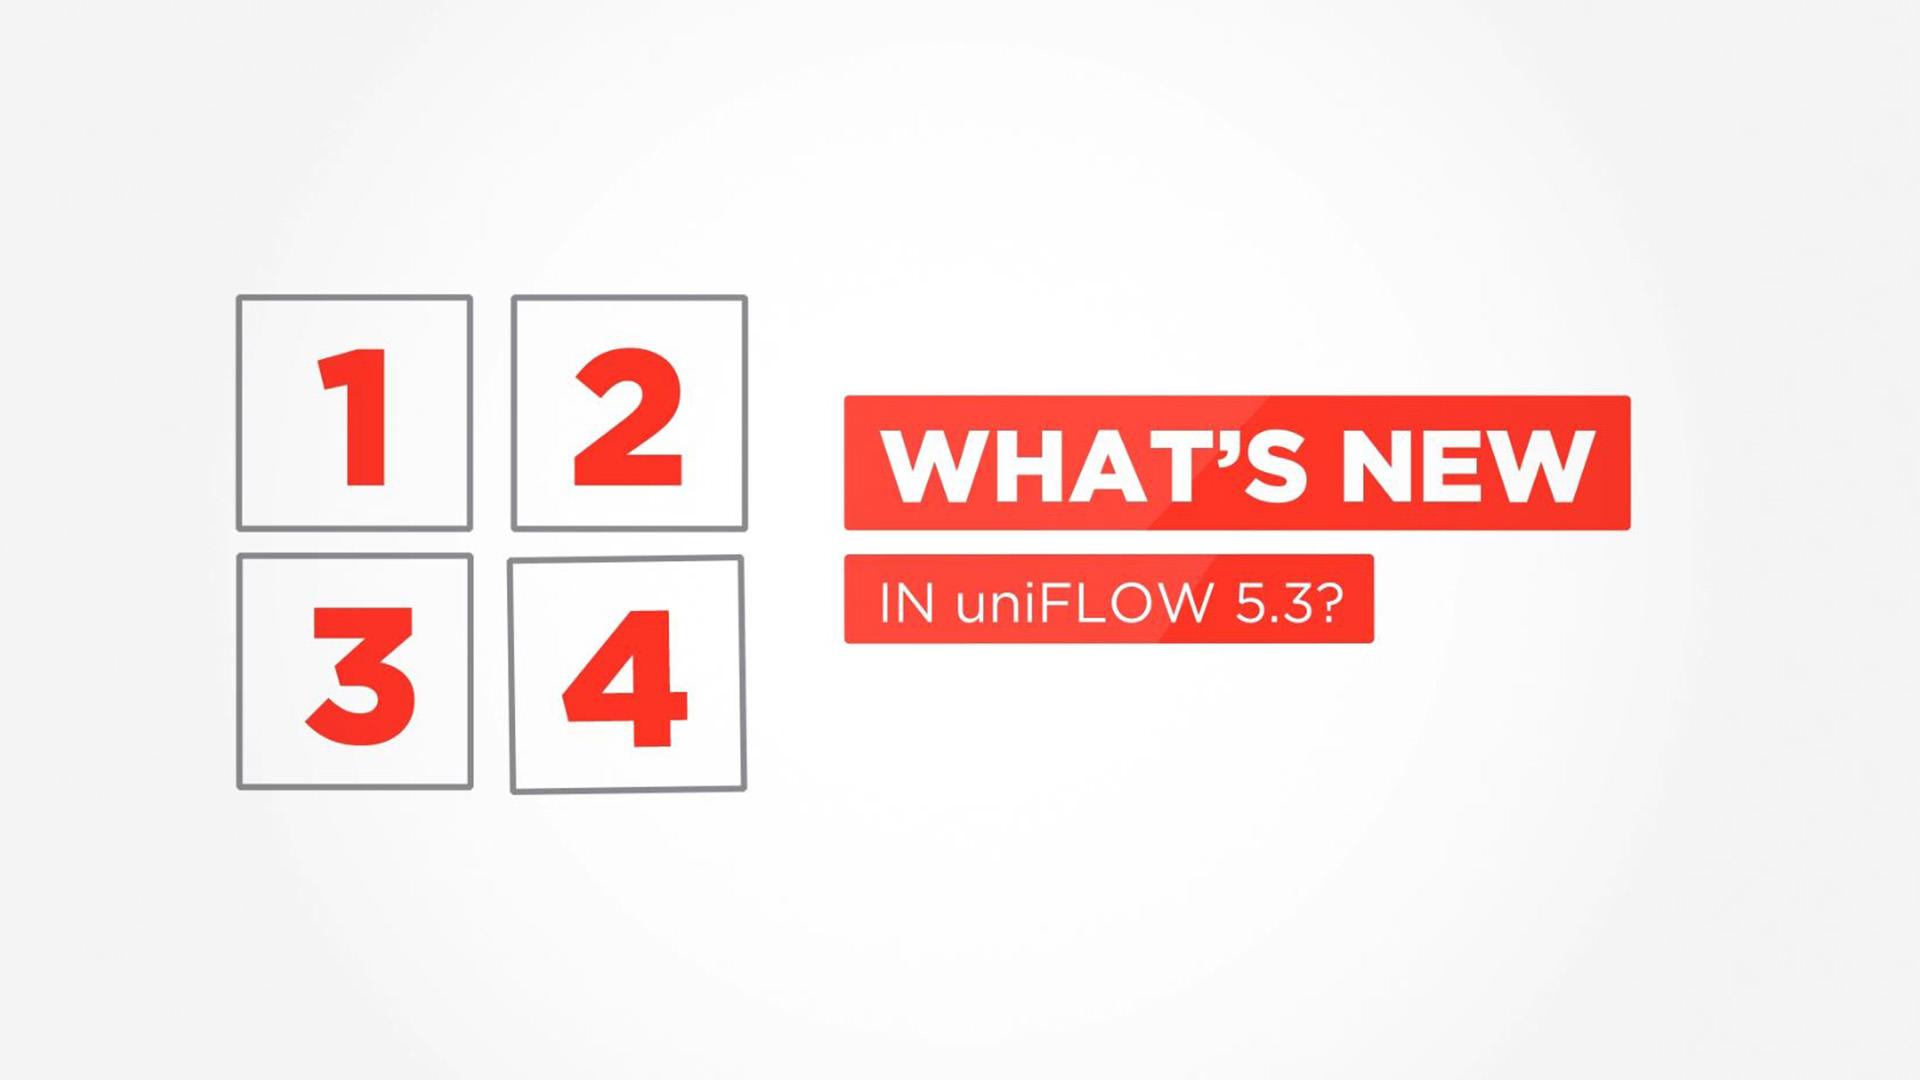 uniFLOW 5.3